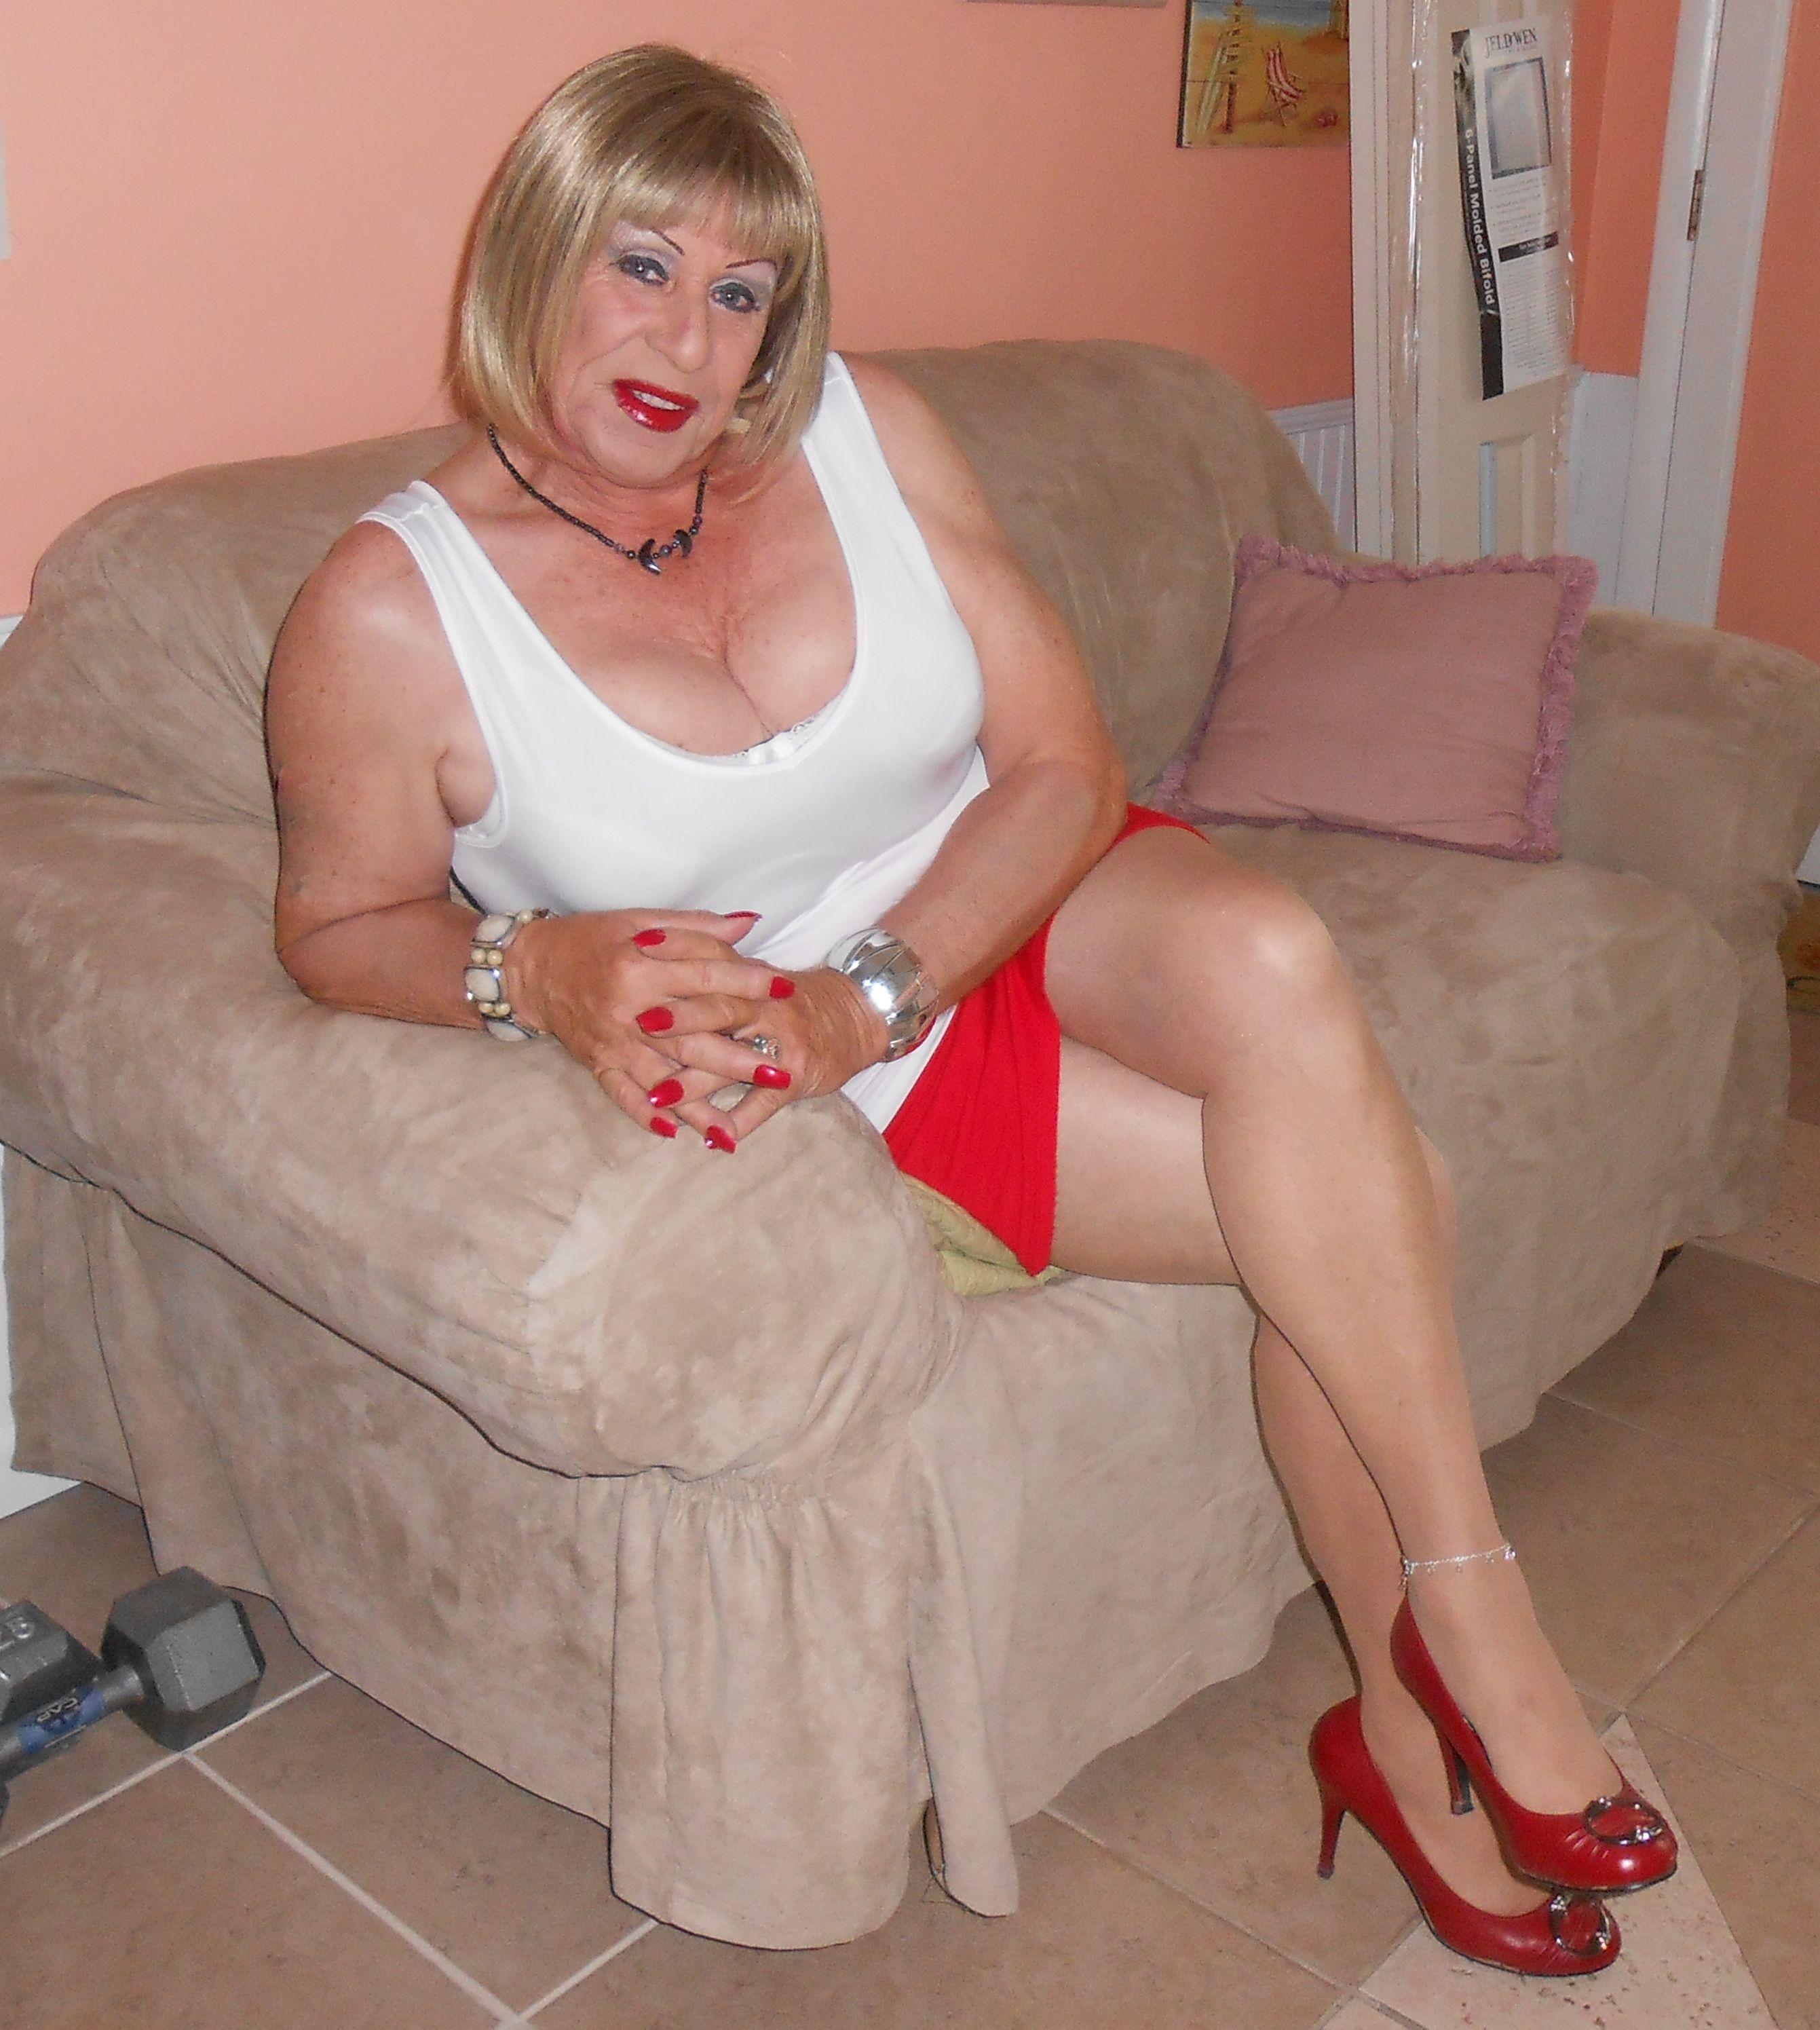 Big blonde bondage tit